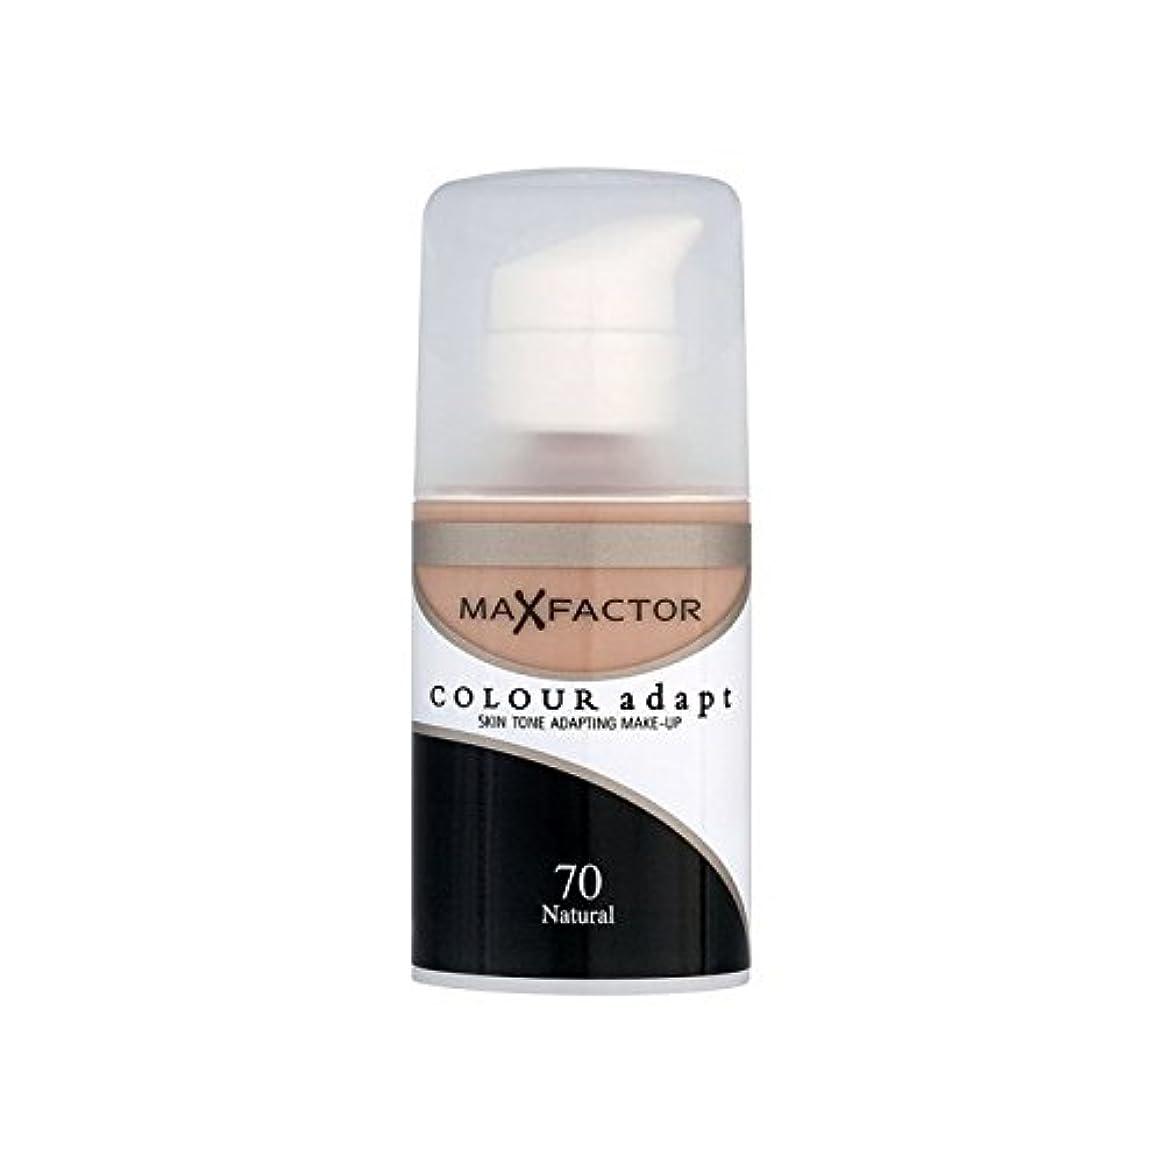 死ぬ遺伝的まどろみのあるMax Factor Colour Adapt Foundation Natural 70 - マックスファクターの色は、基礎自然70を適応させます [並行輸入品]